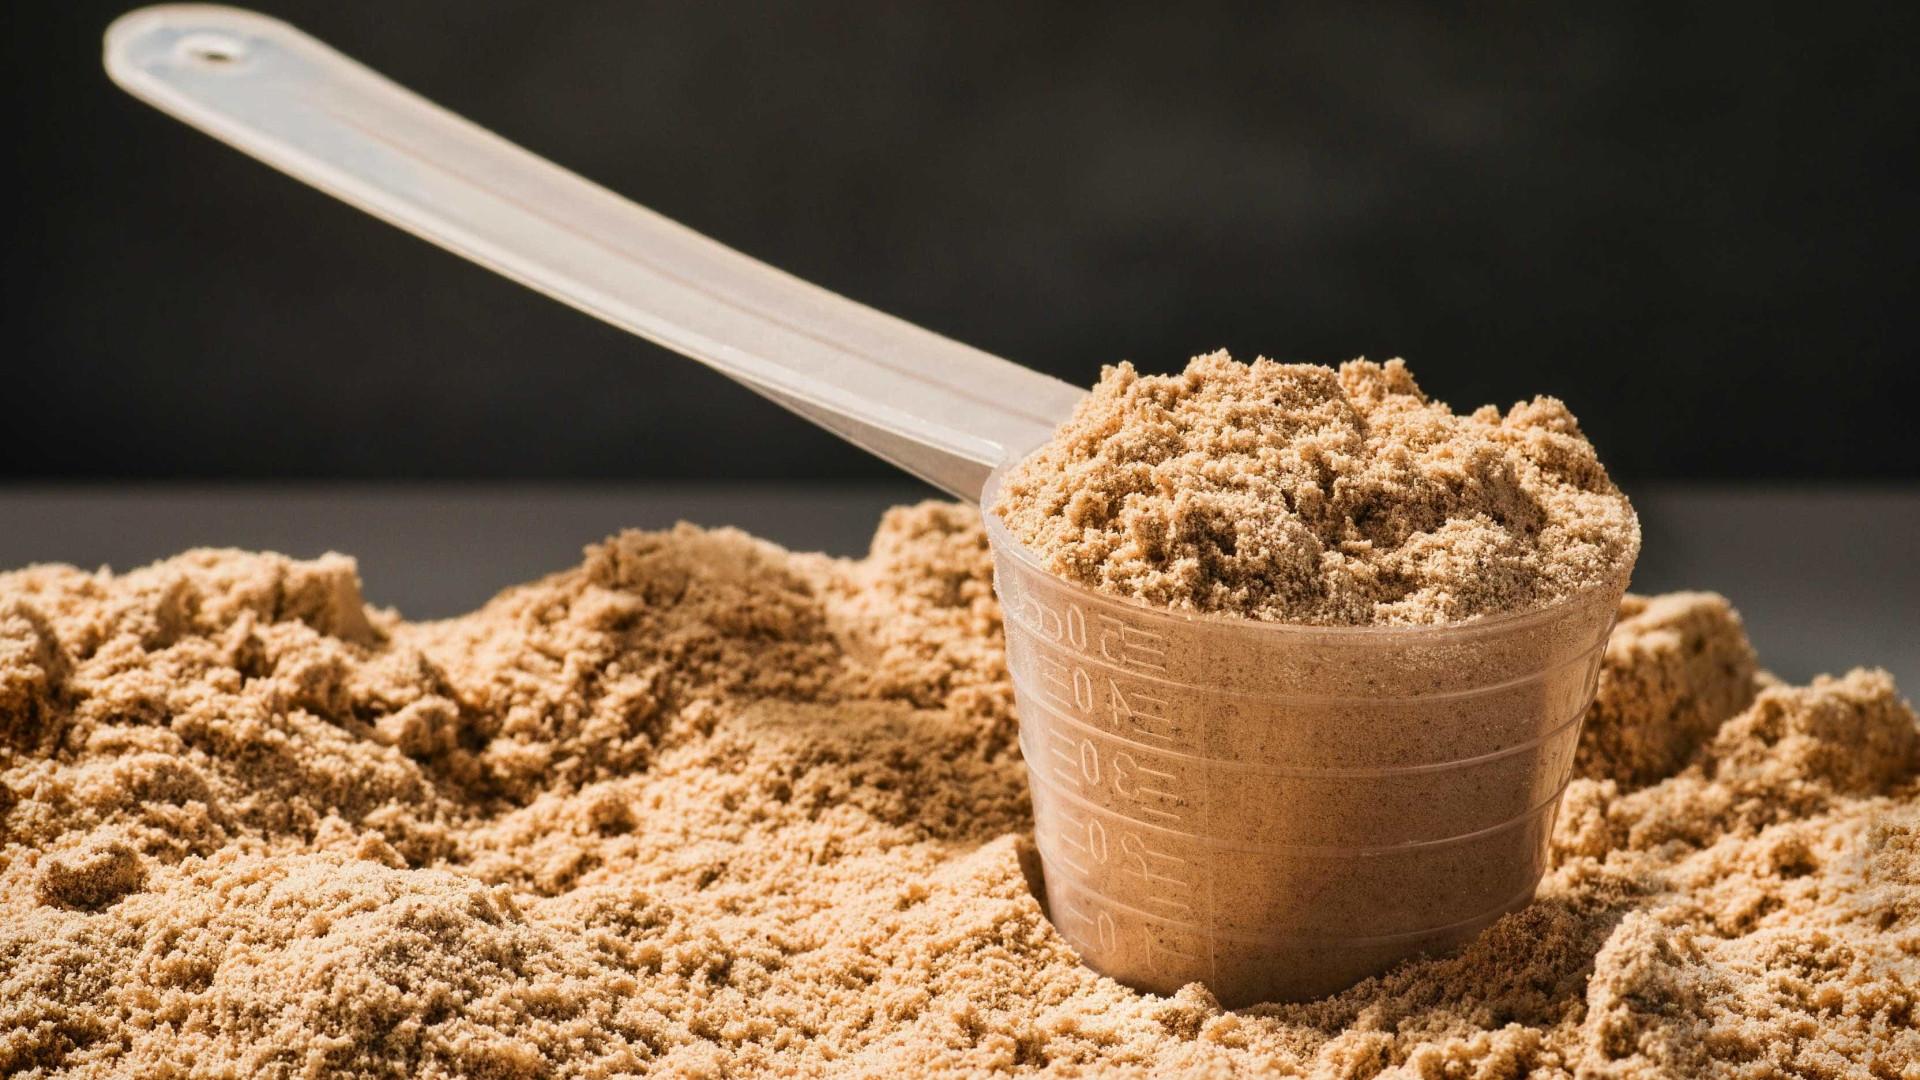 8 informações sobre o whey protein que você precisa saber